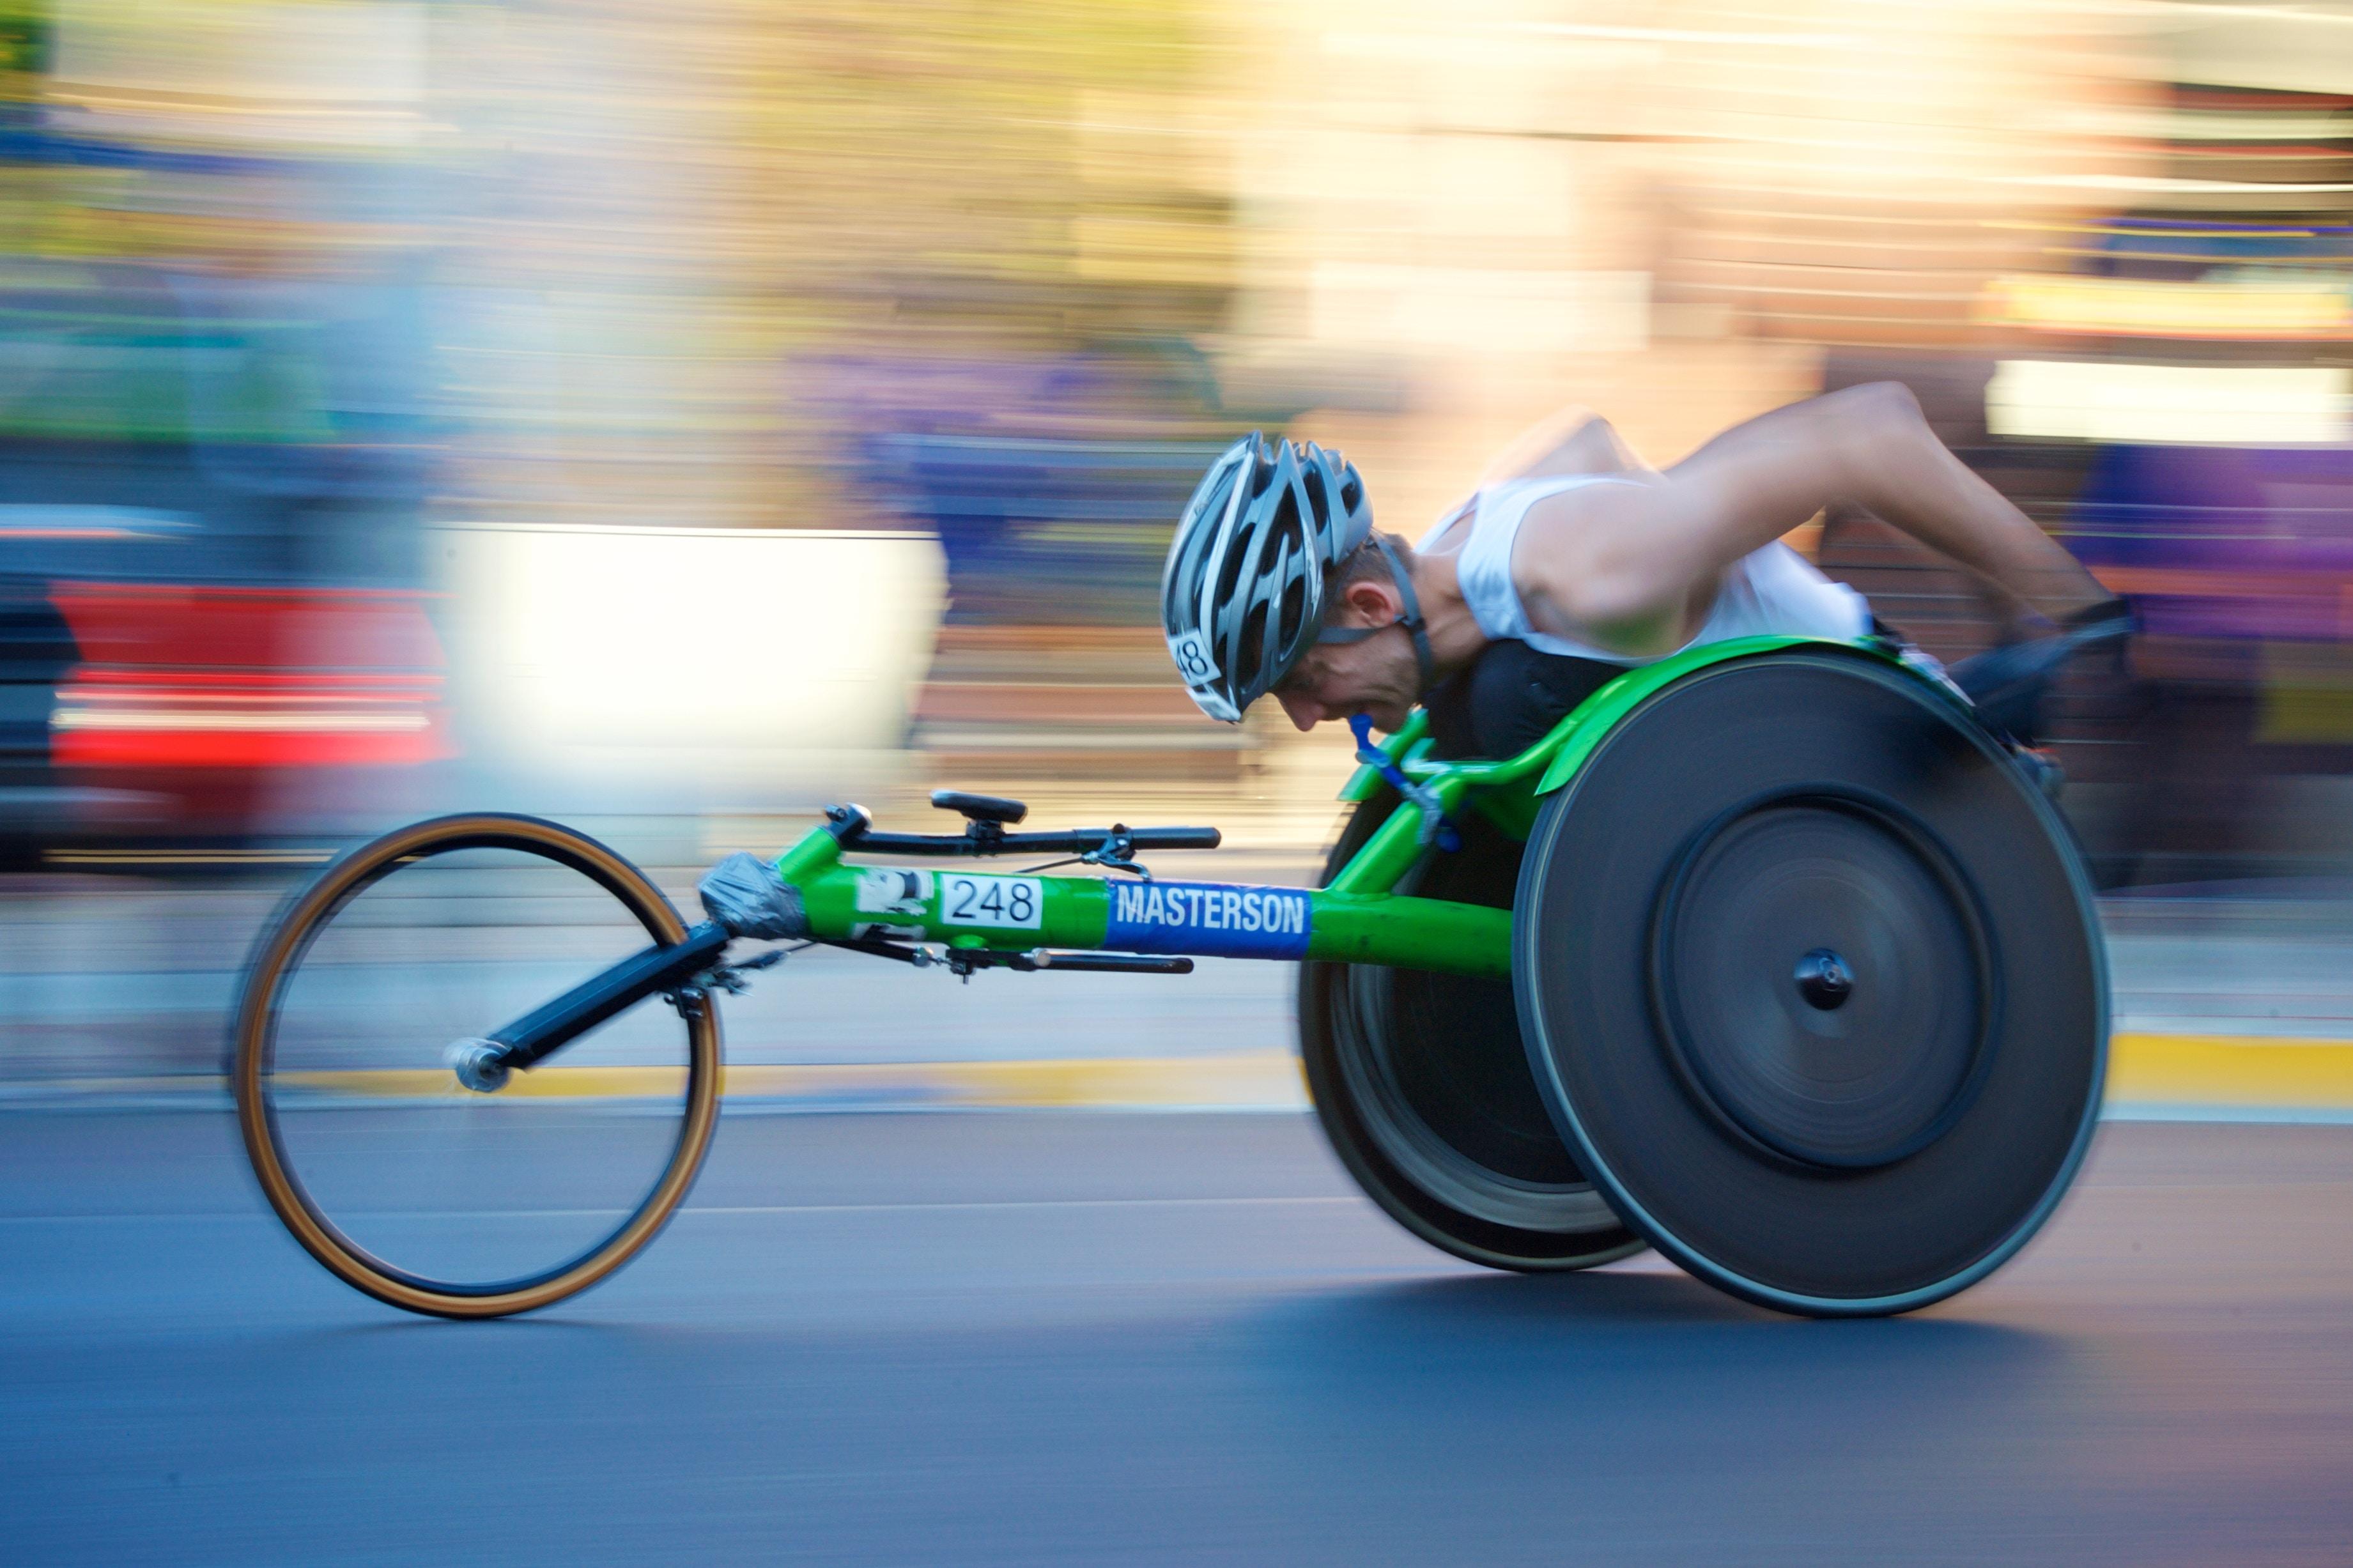 medicina dello sport-handbyke-sporterapia-sport terapia-sport disabili-sport per disabili-invalidità-disabilità-ability channel-heyoka